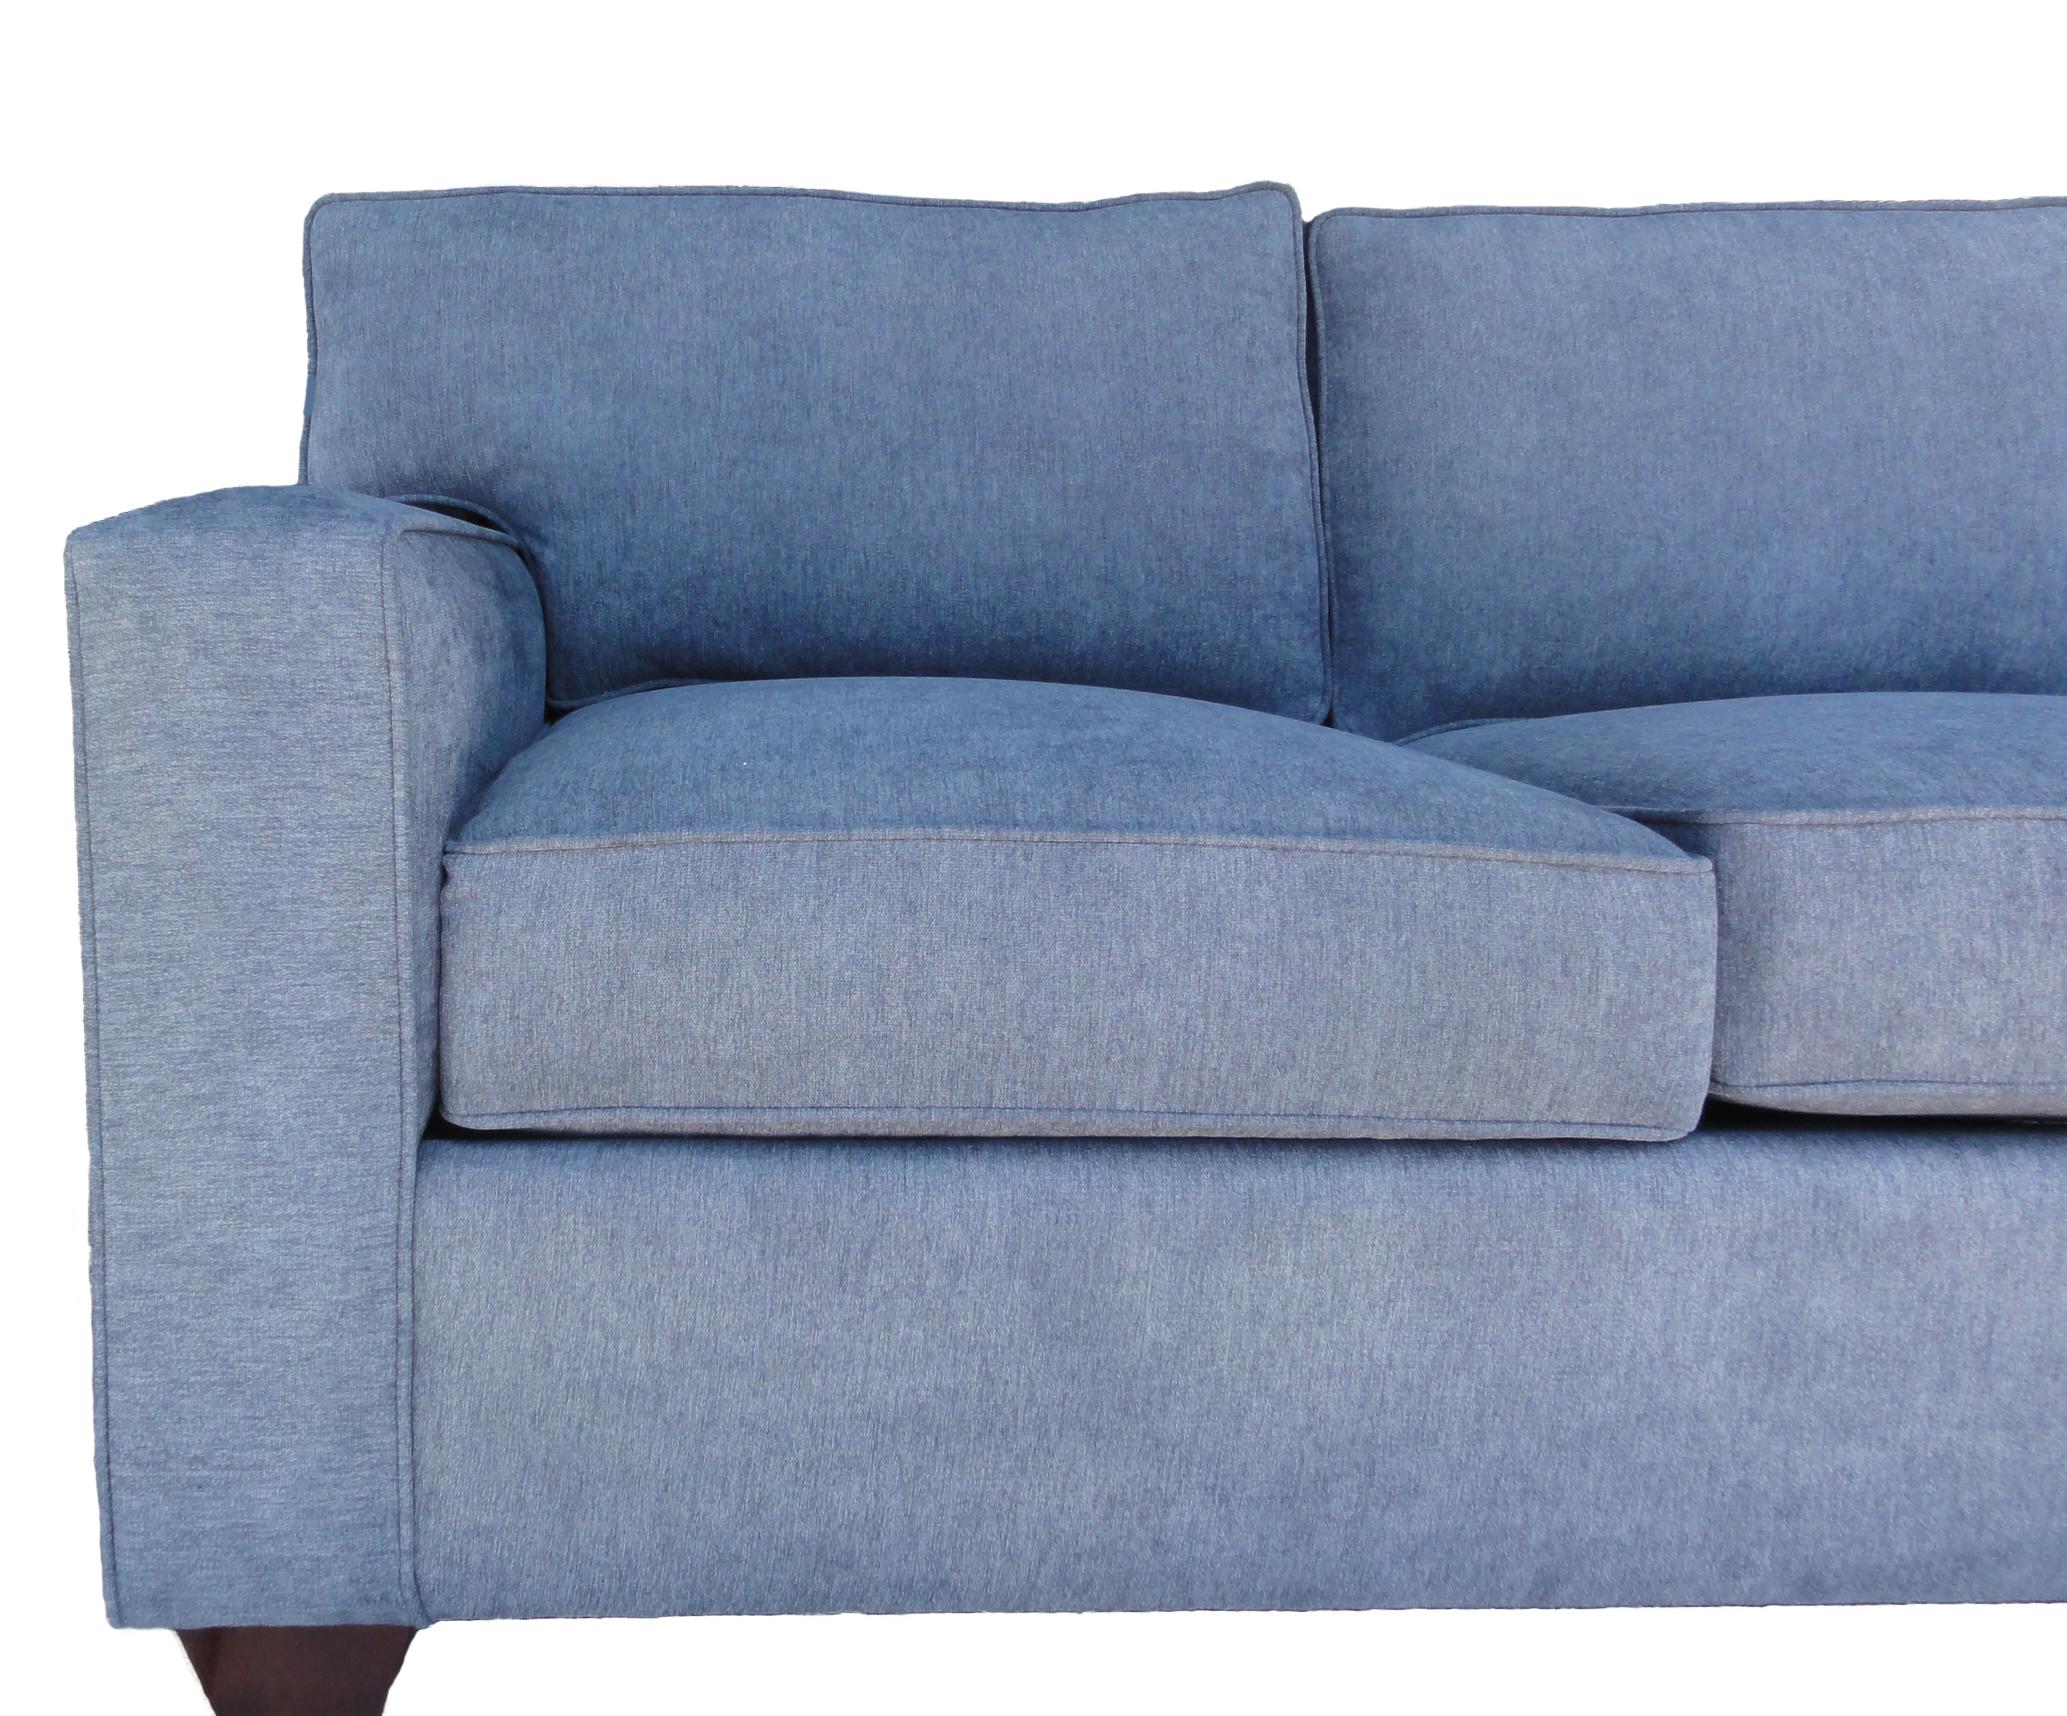 Mesa-sofa-santa-barbara-design-center=2